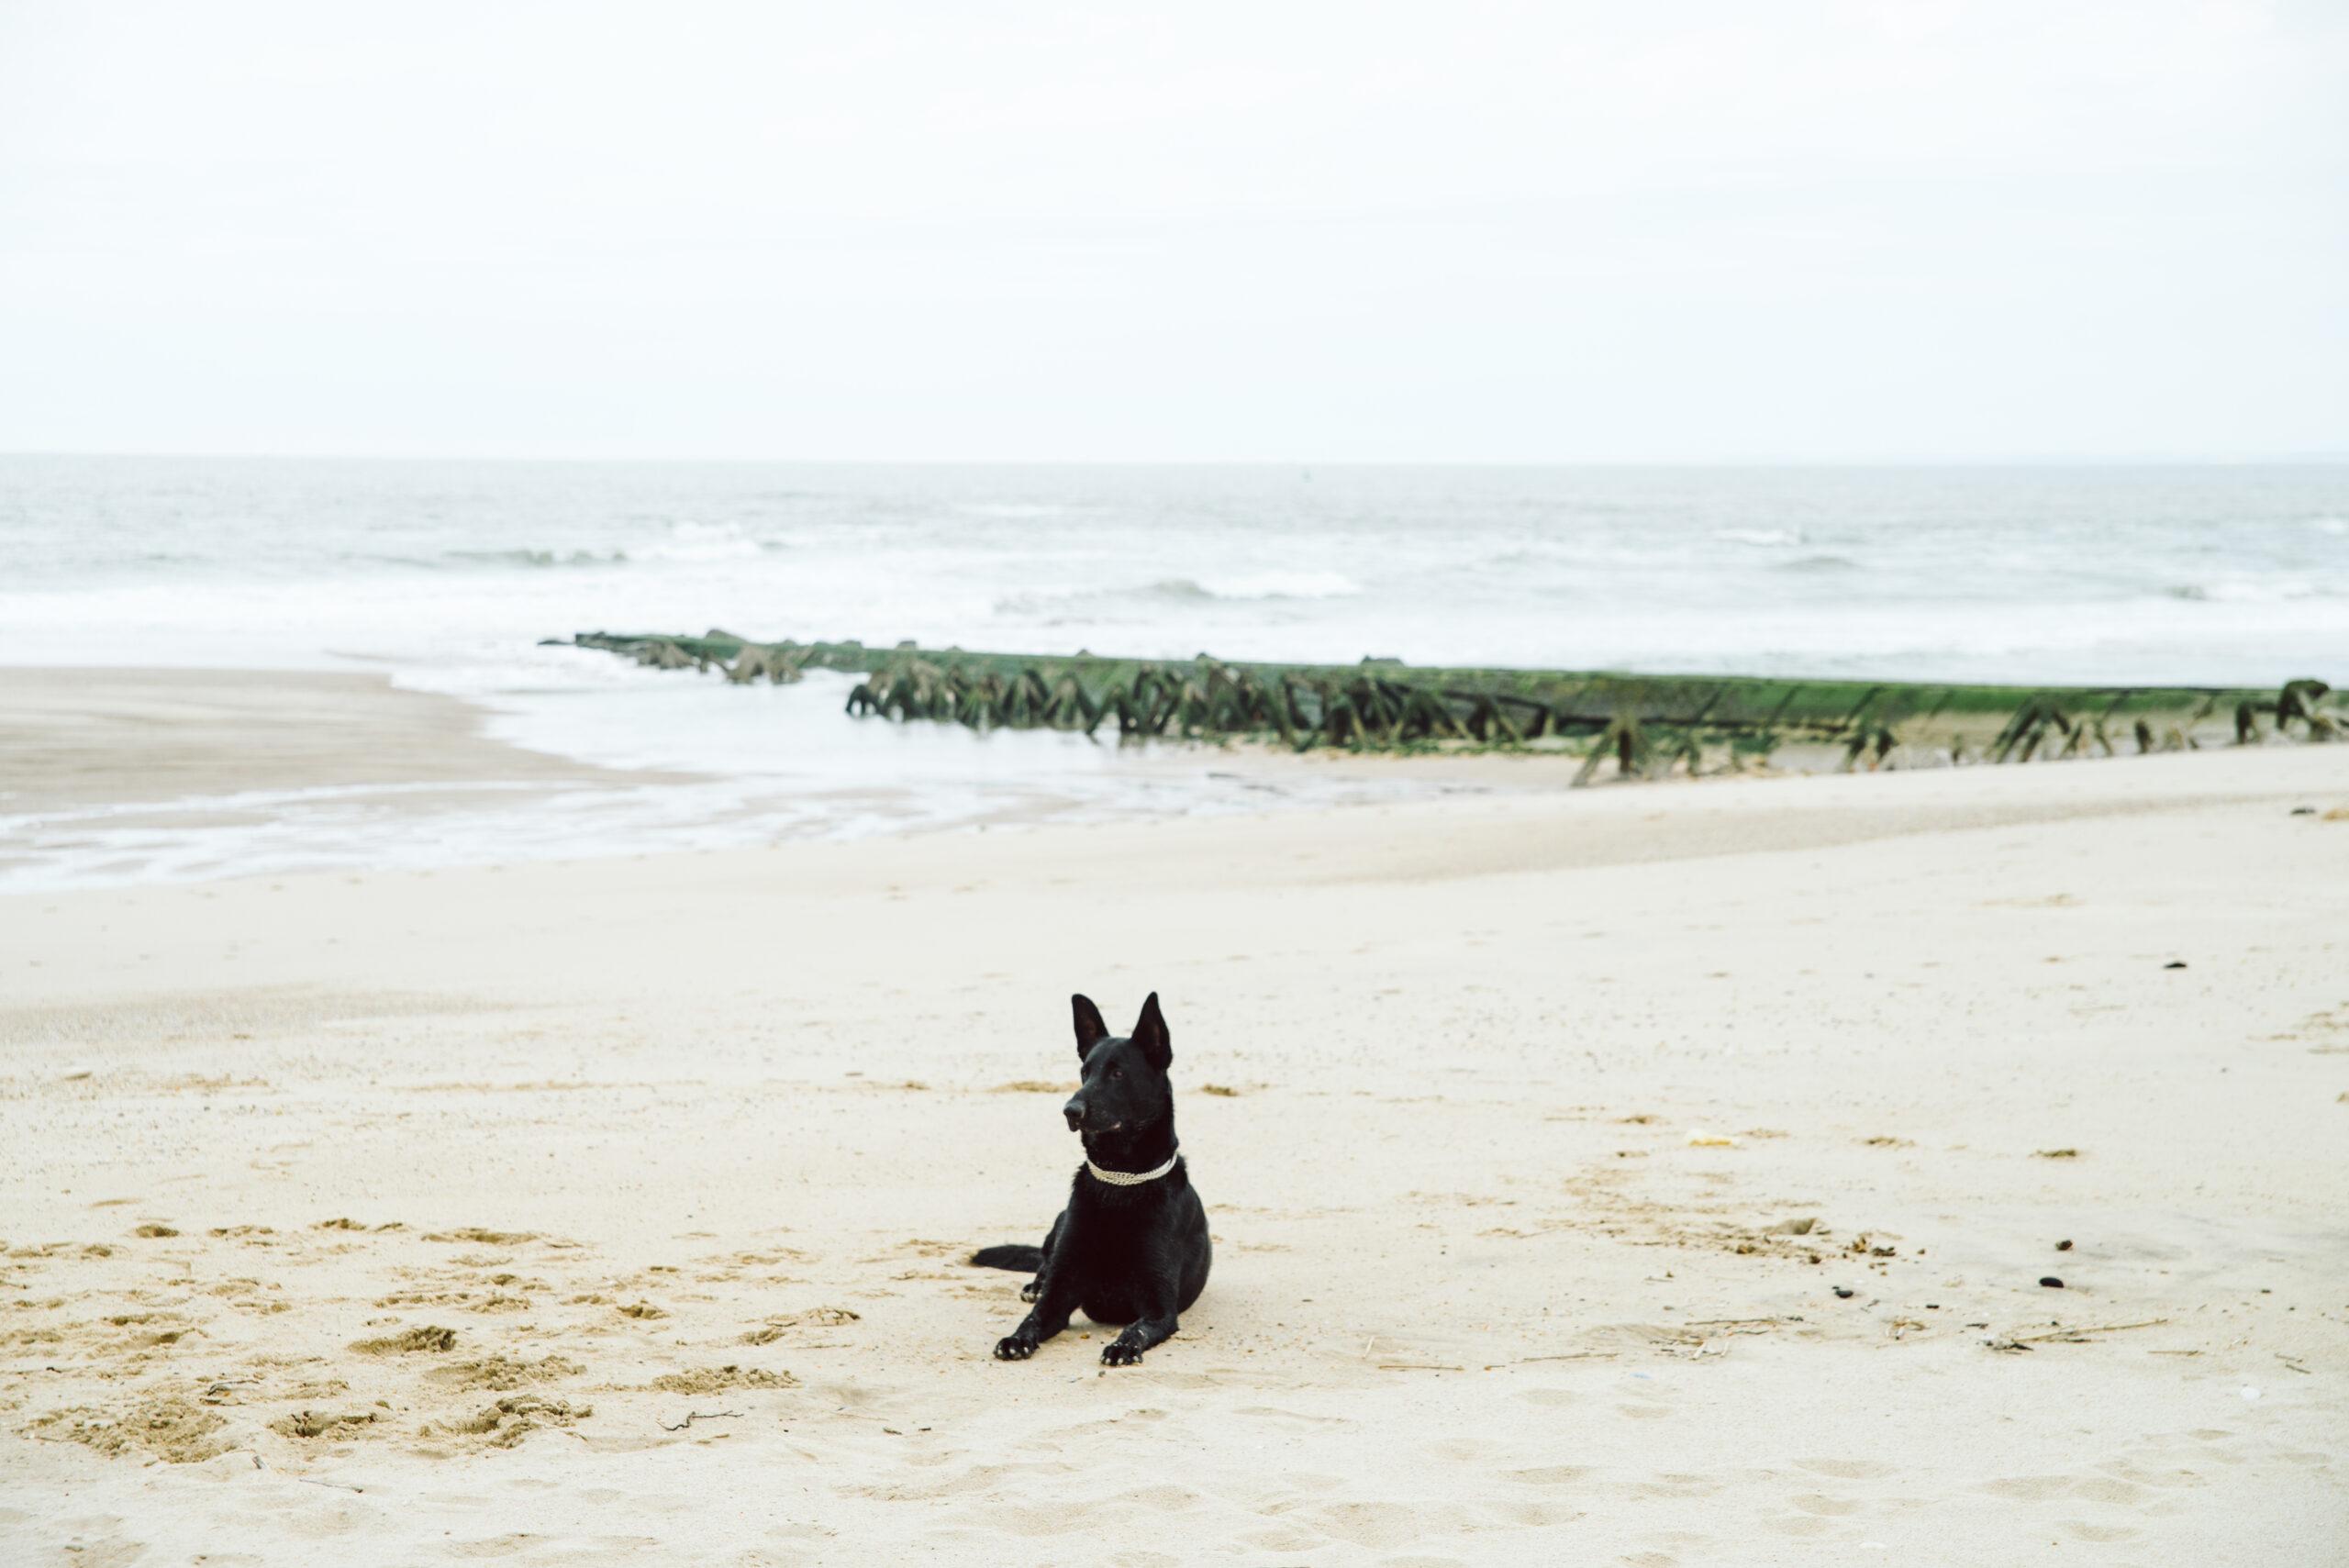 schäferhund im Sand am Meer